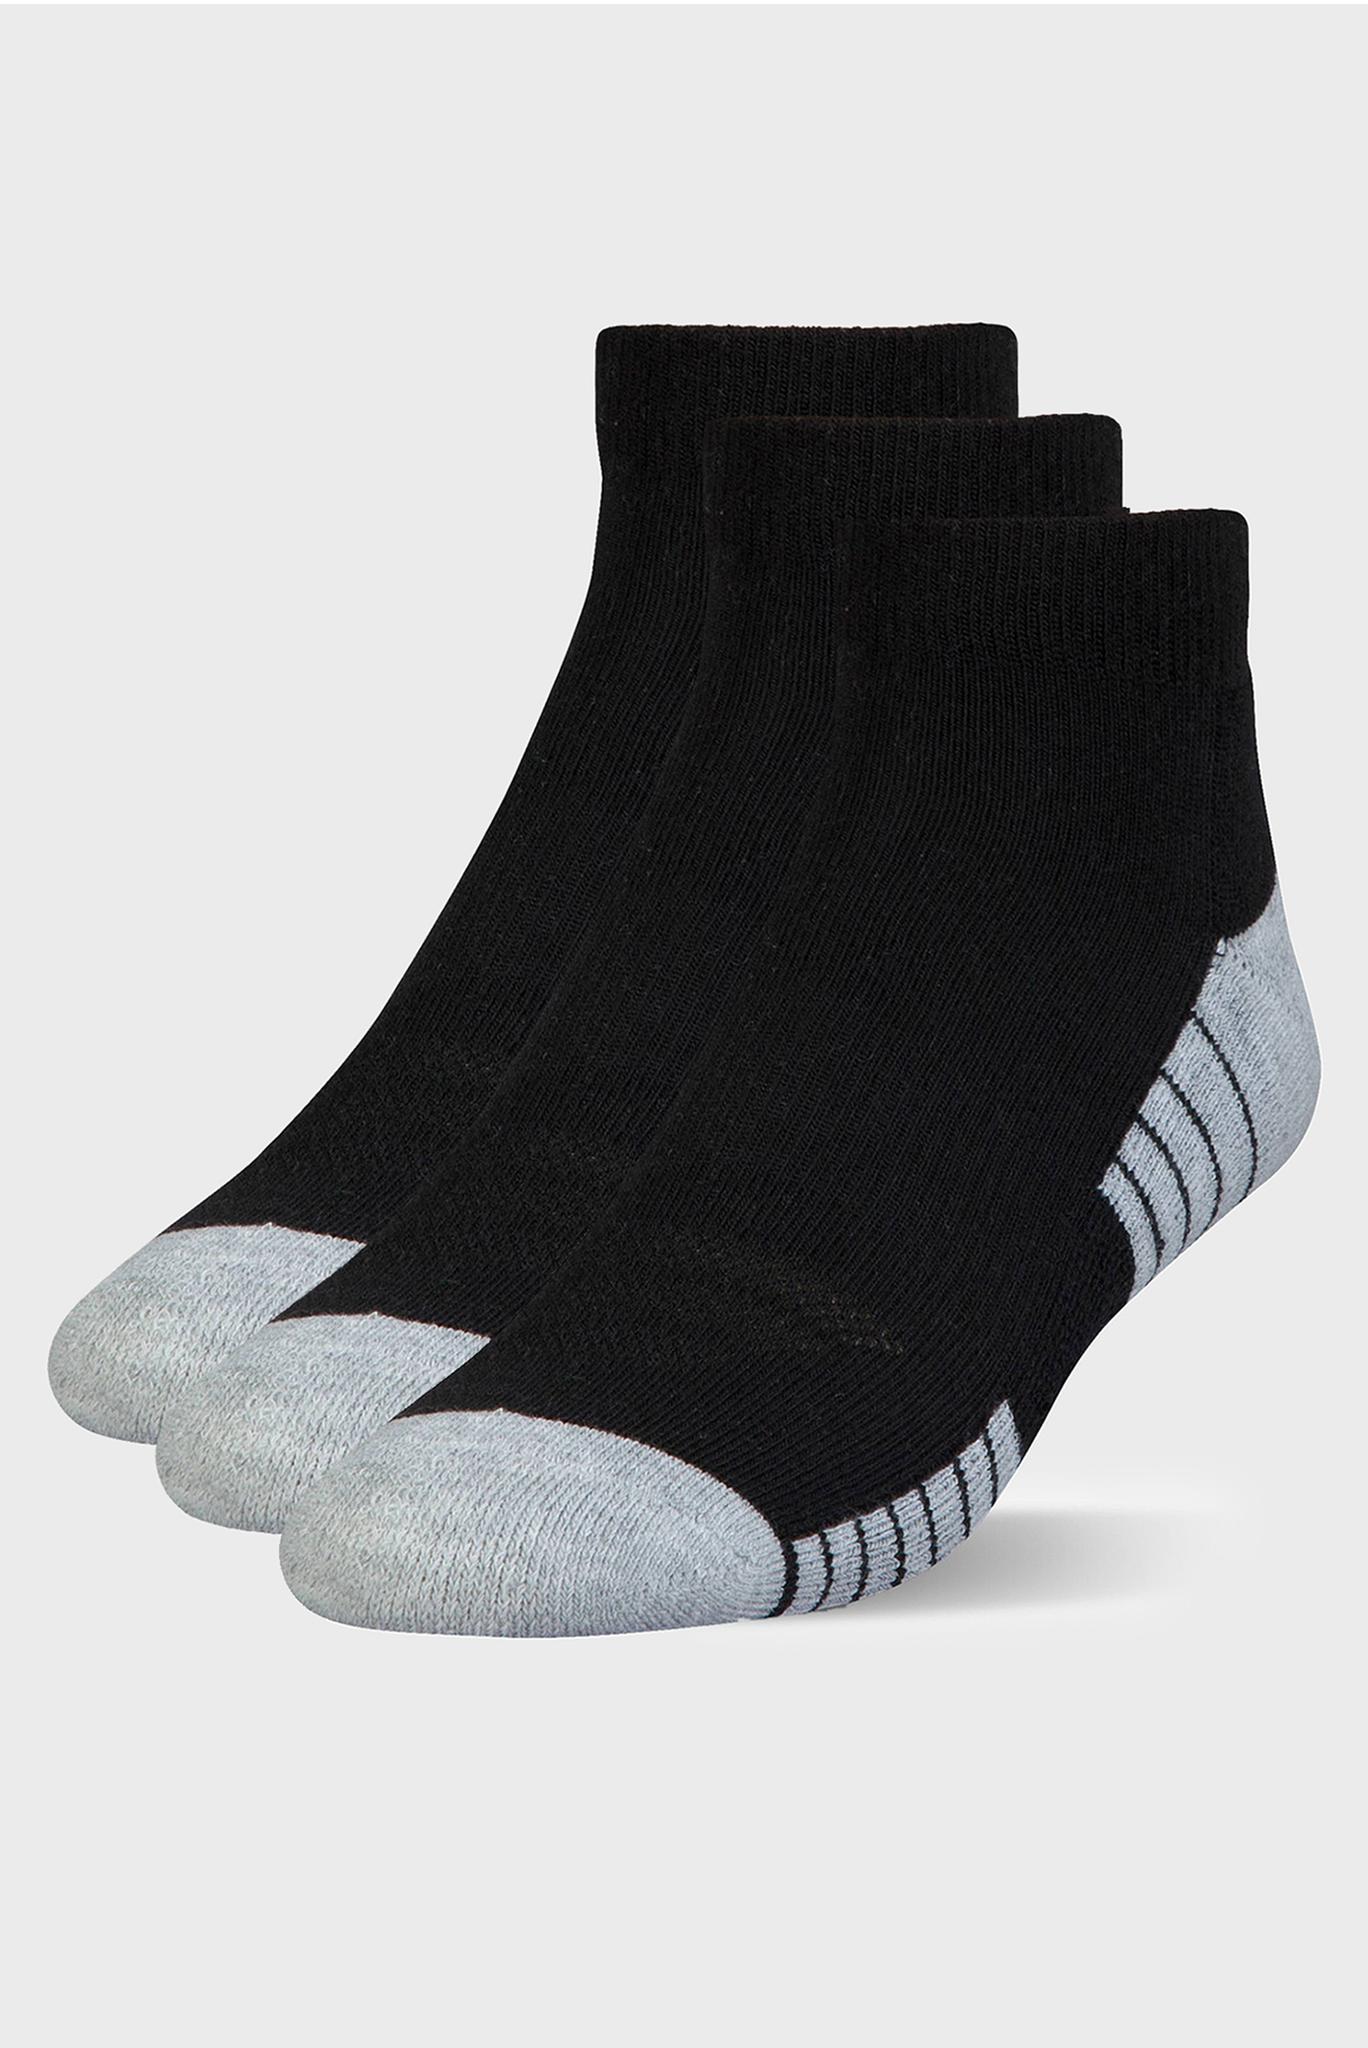 Черные носки HEATGEAR (3 пары) Under Armour